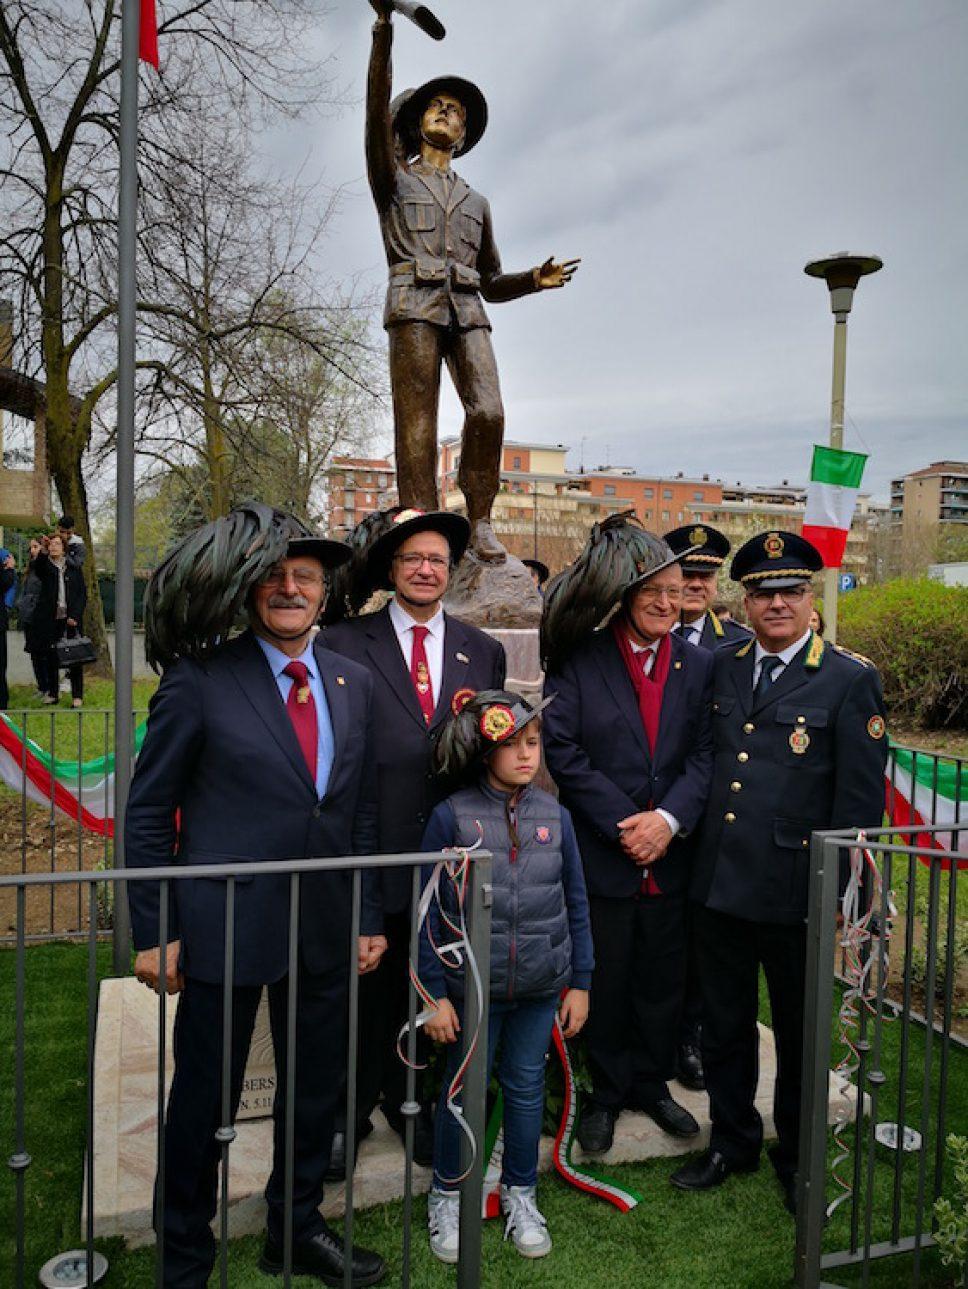 Mille persone per l'inaugurazione del monumento al bersagliere a Cinisello